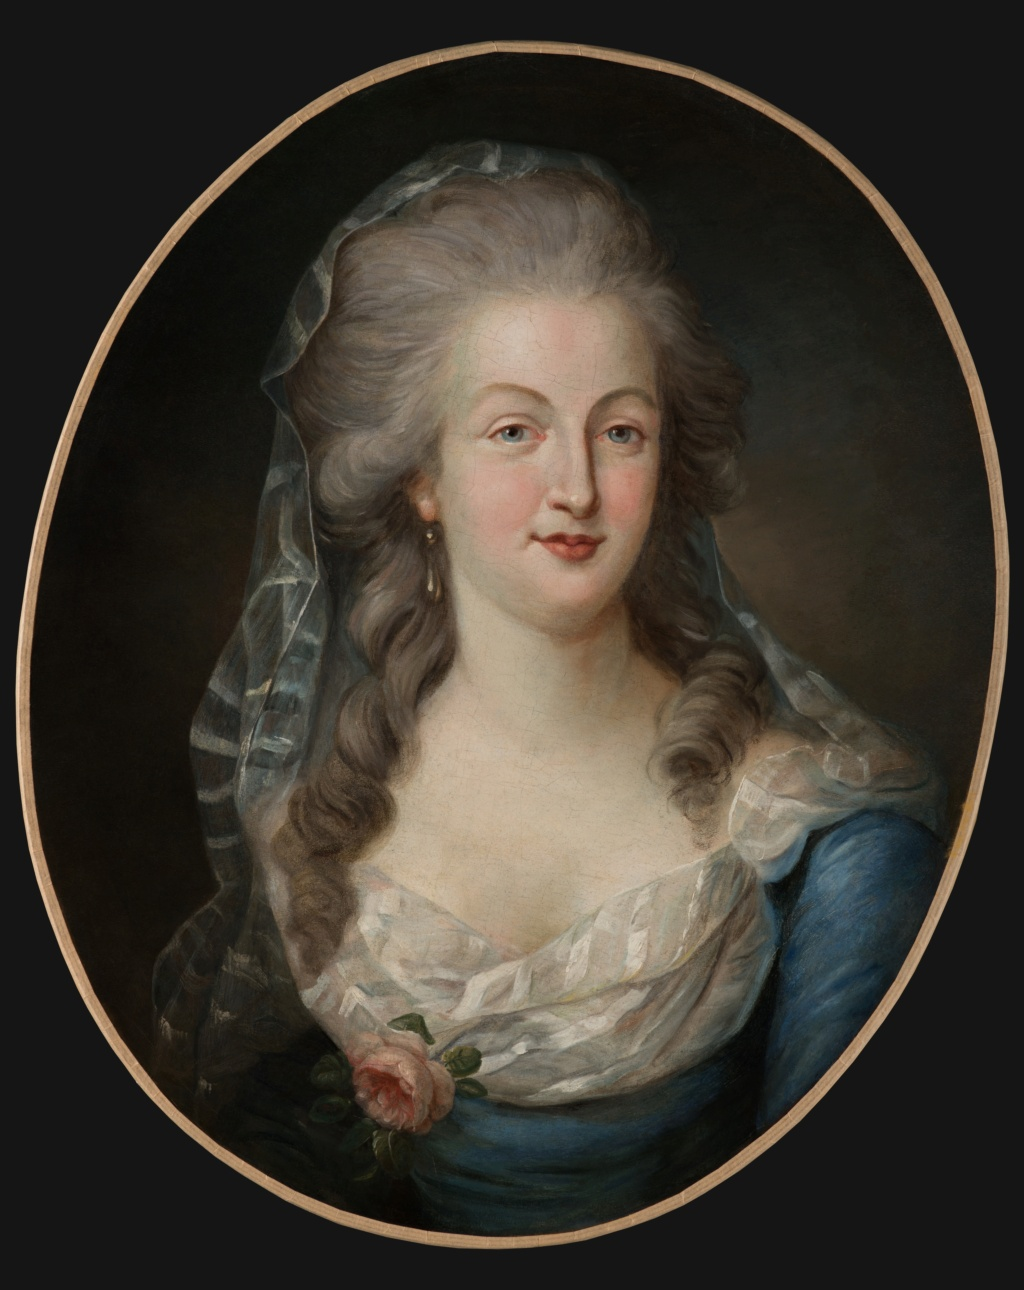 Enquête sur un tableau retrouvé de Marie-Antoinette attribué à Jean-Laurent Mosnier (vers 1776) - Page 3 Marie-22